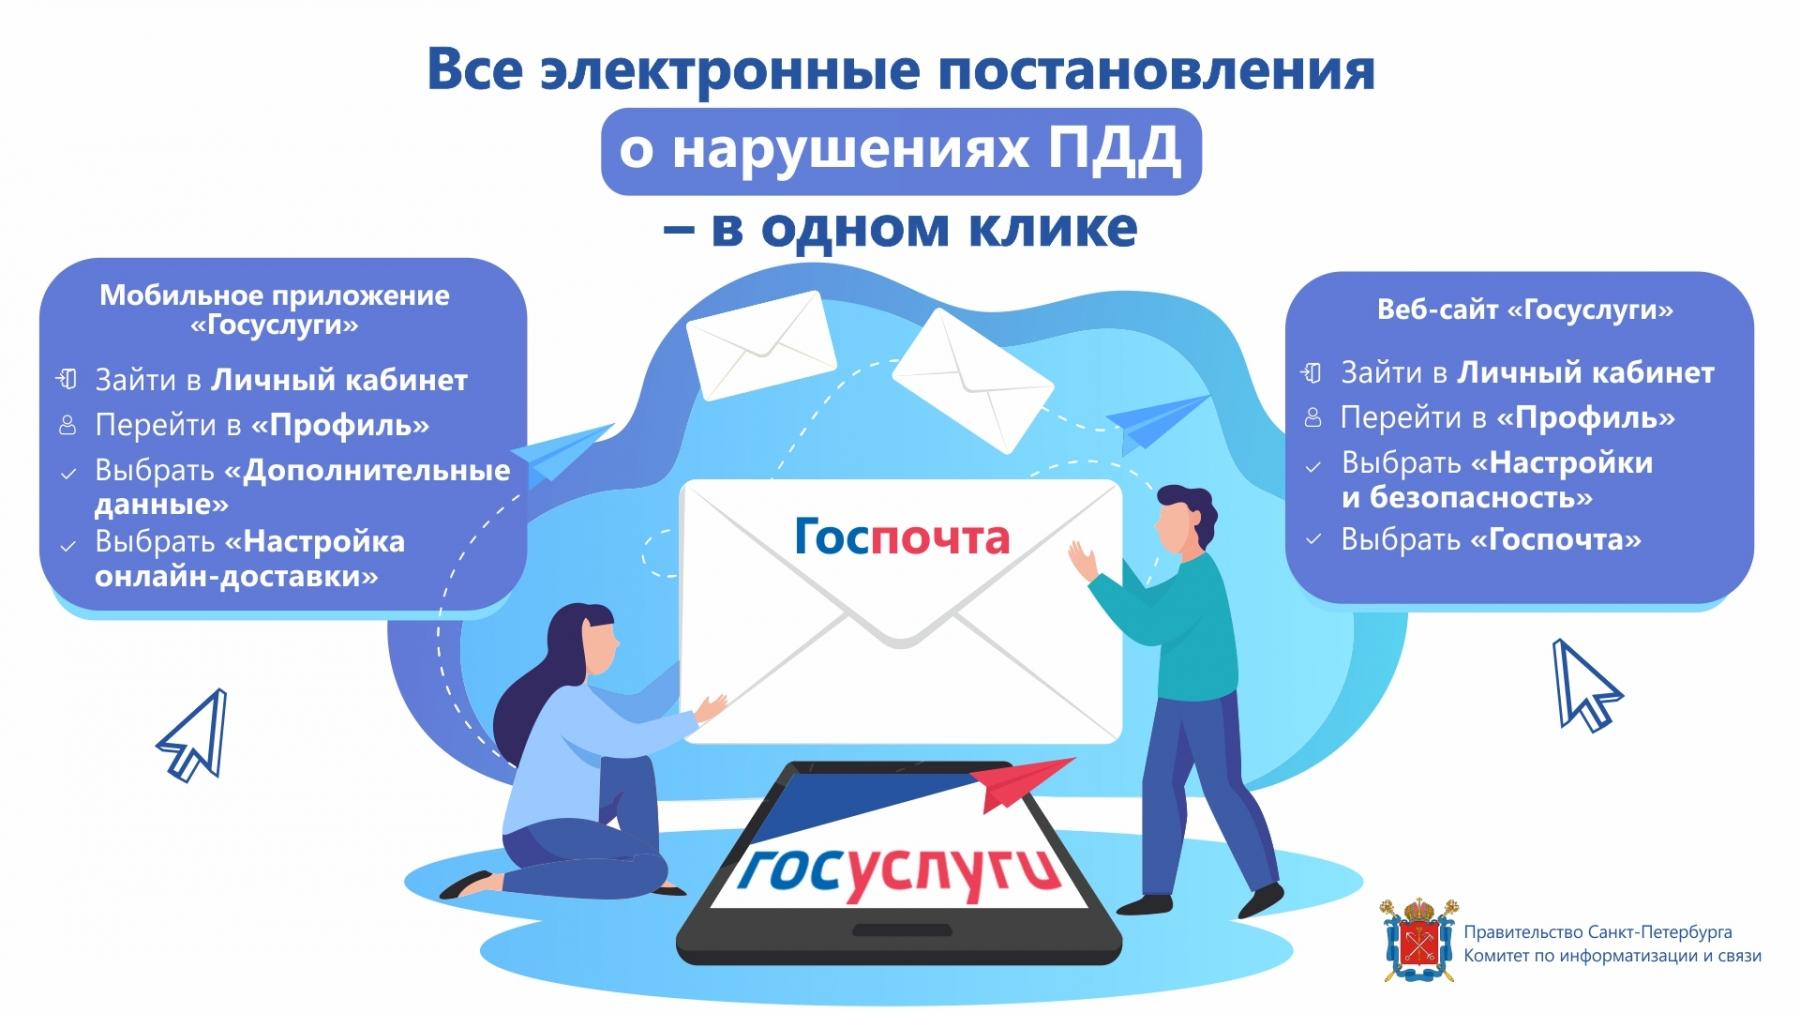 Elektronnye-postanovleniya-FVF_zastavka-dlya-ekranov